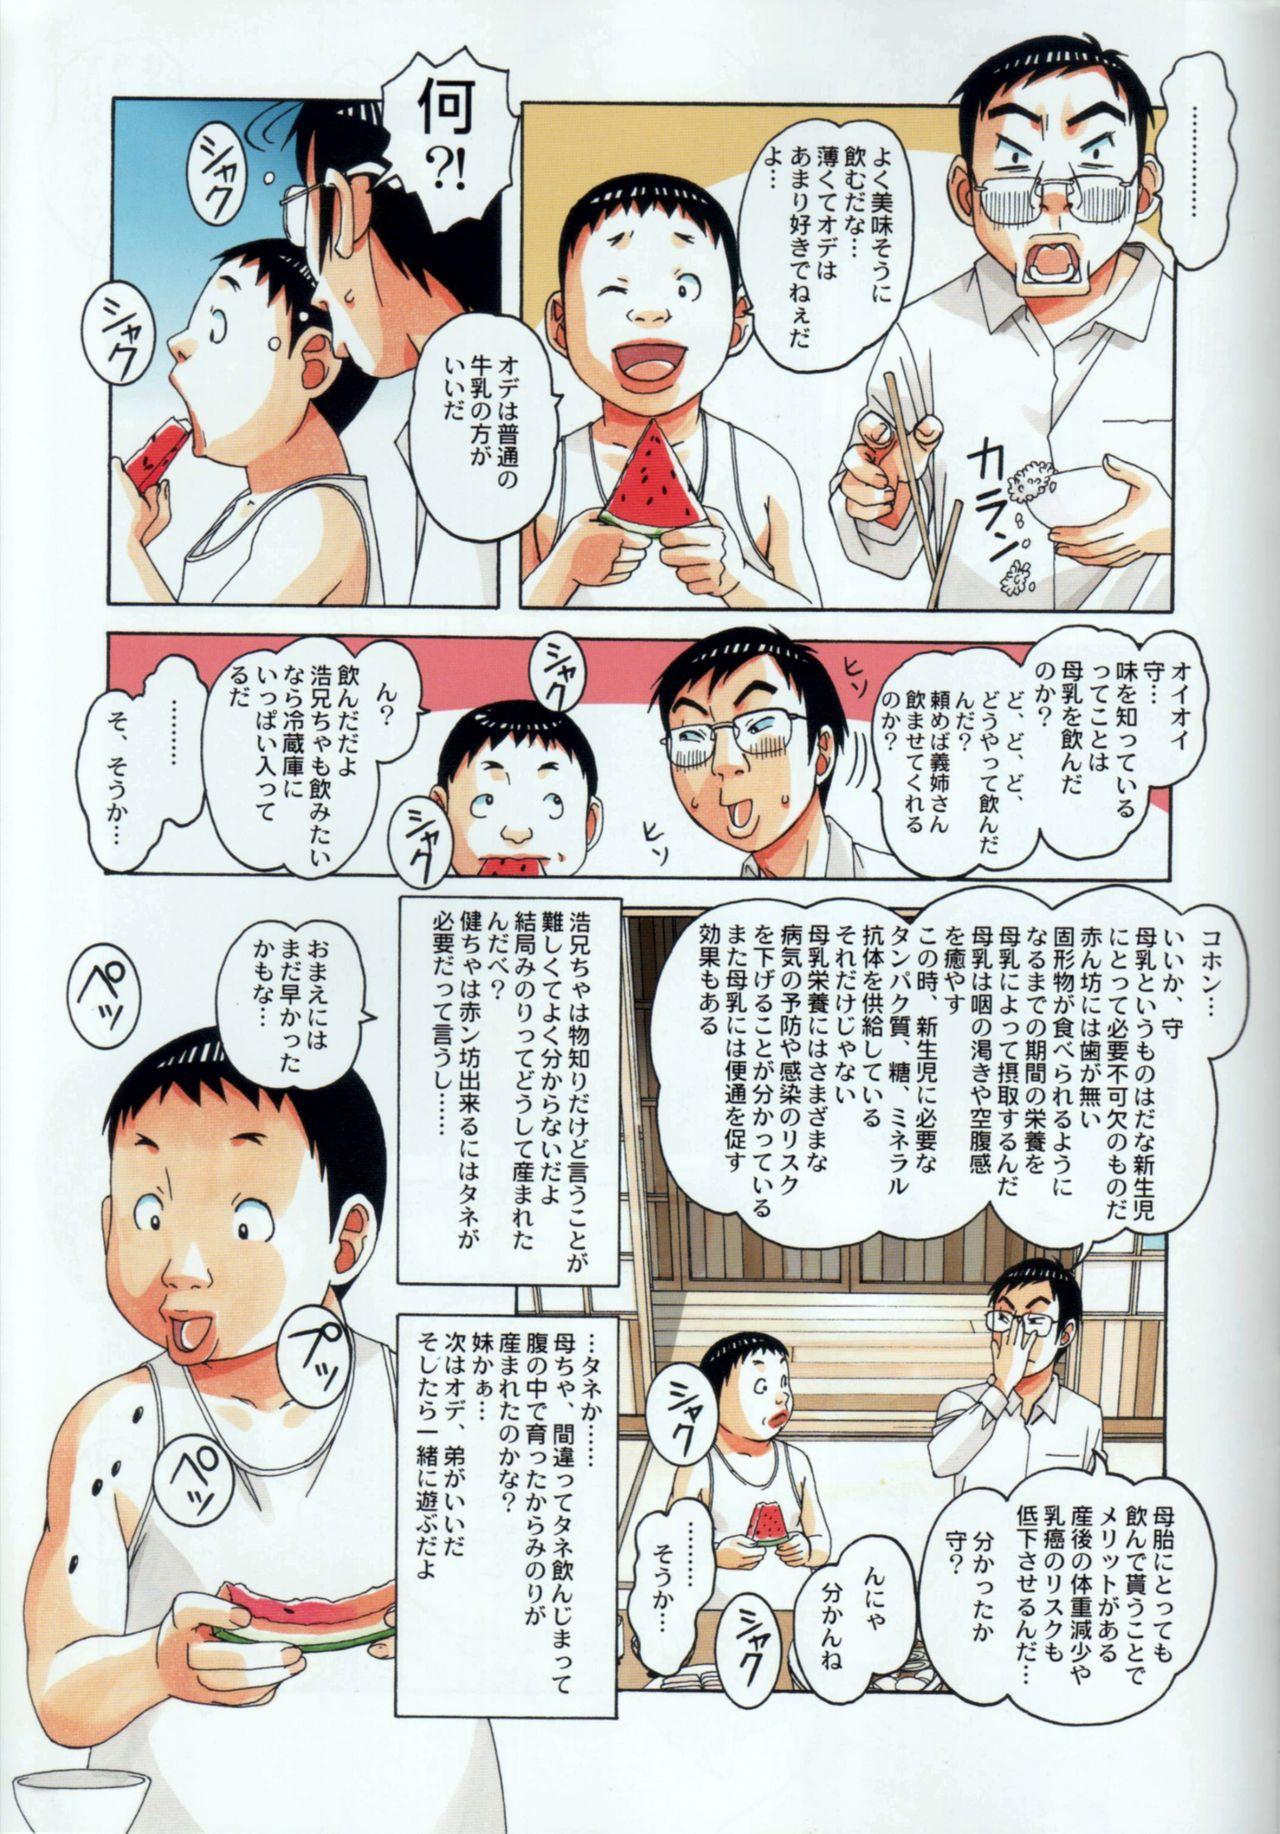 Kainuma Mura no Seikatsu Jijou 1 Gifuyome Chigusa 26